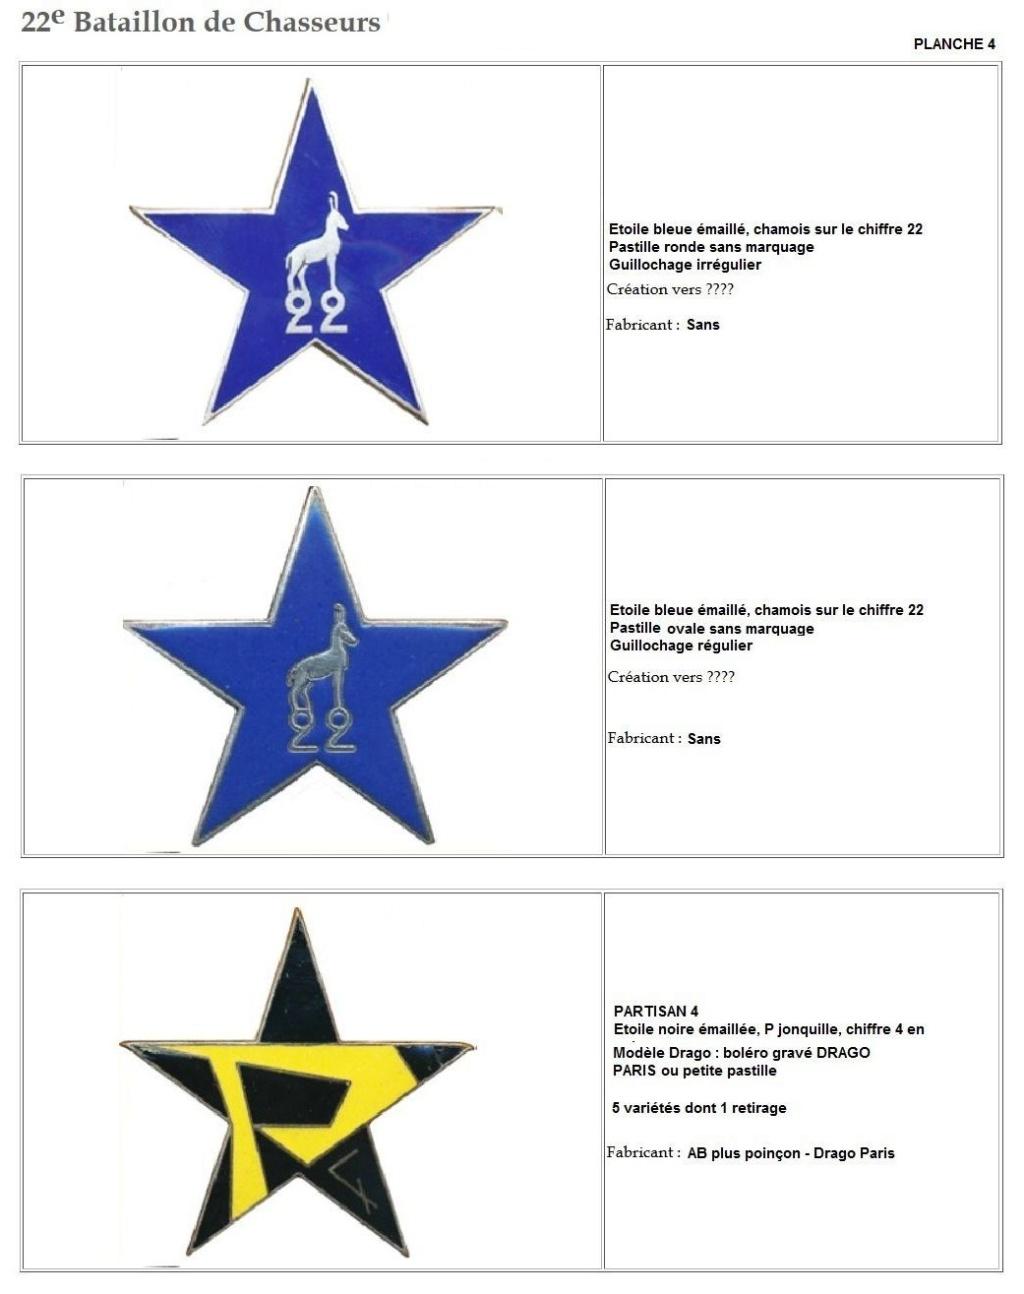 Les insignes de bataillons- Mise à jour... - Page 2 22e_pl14